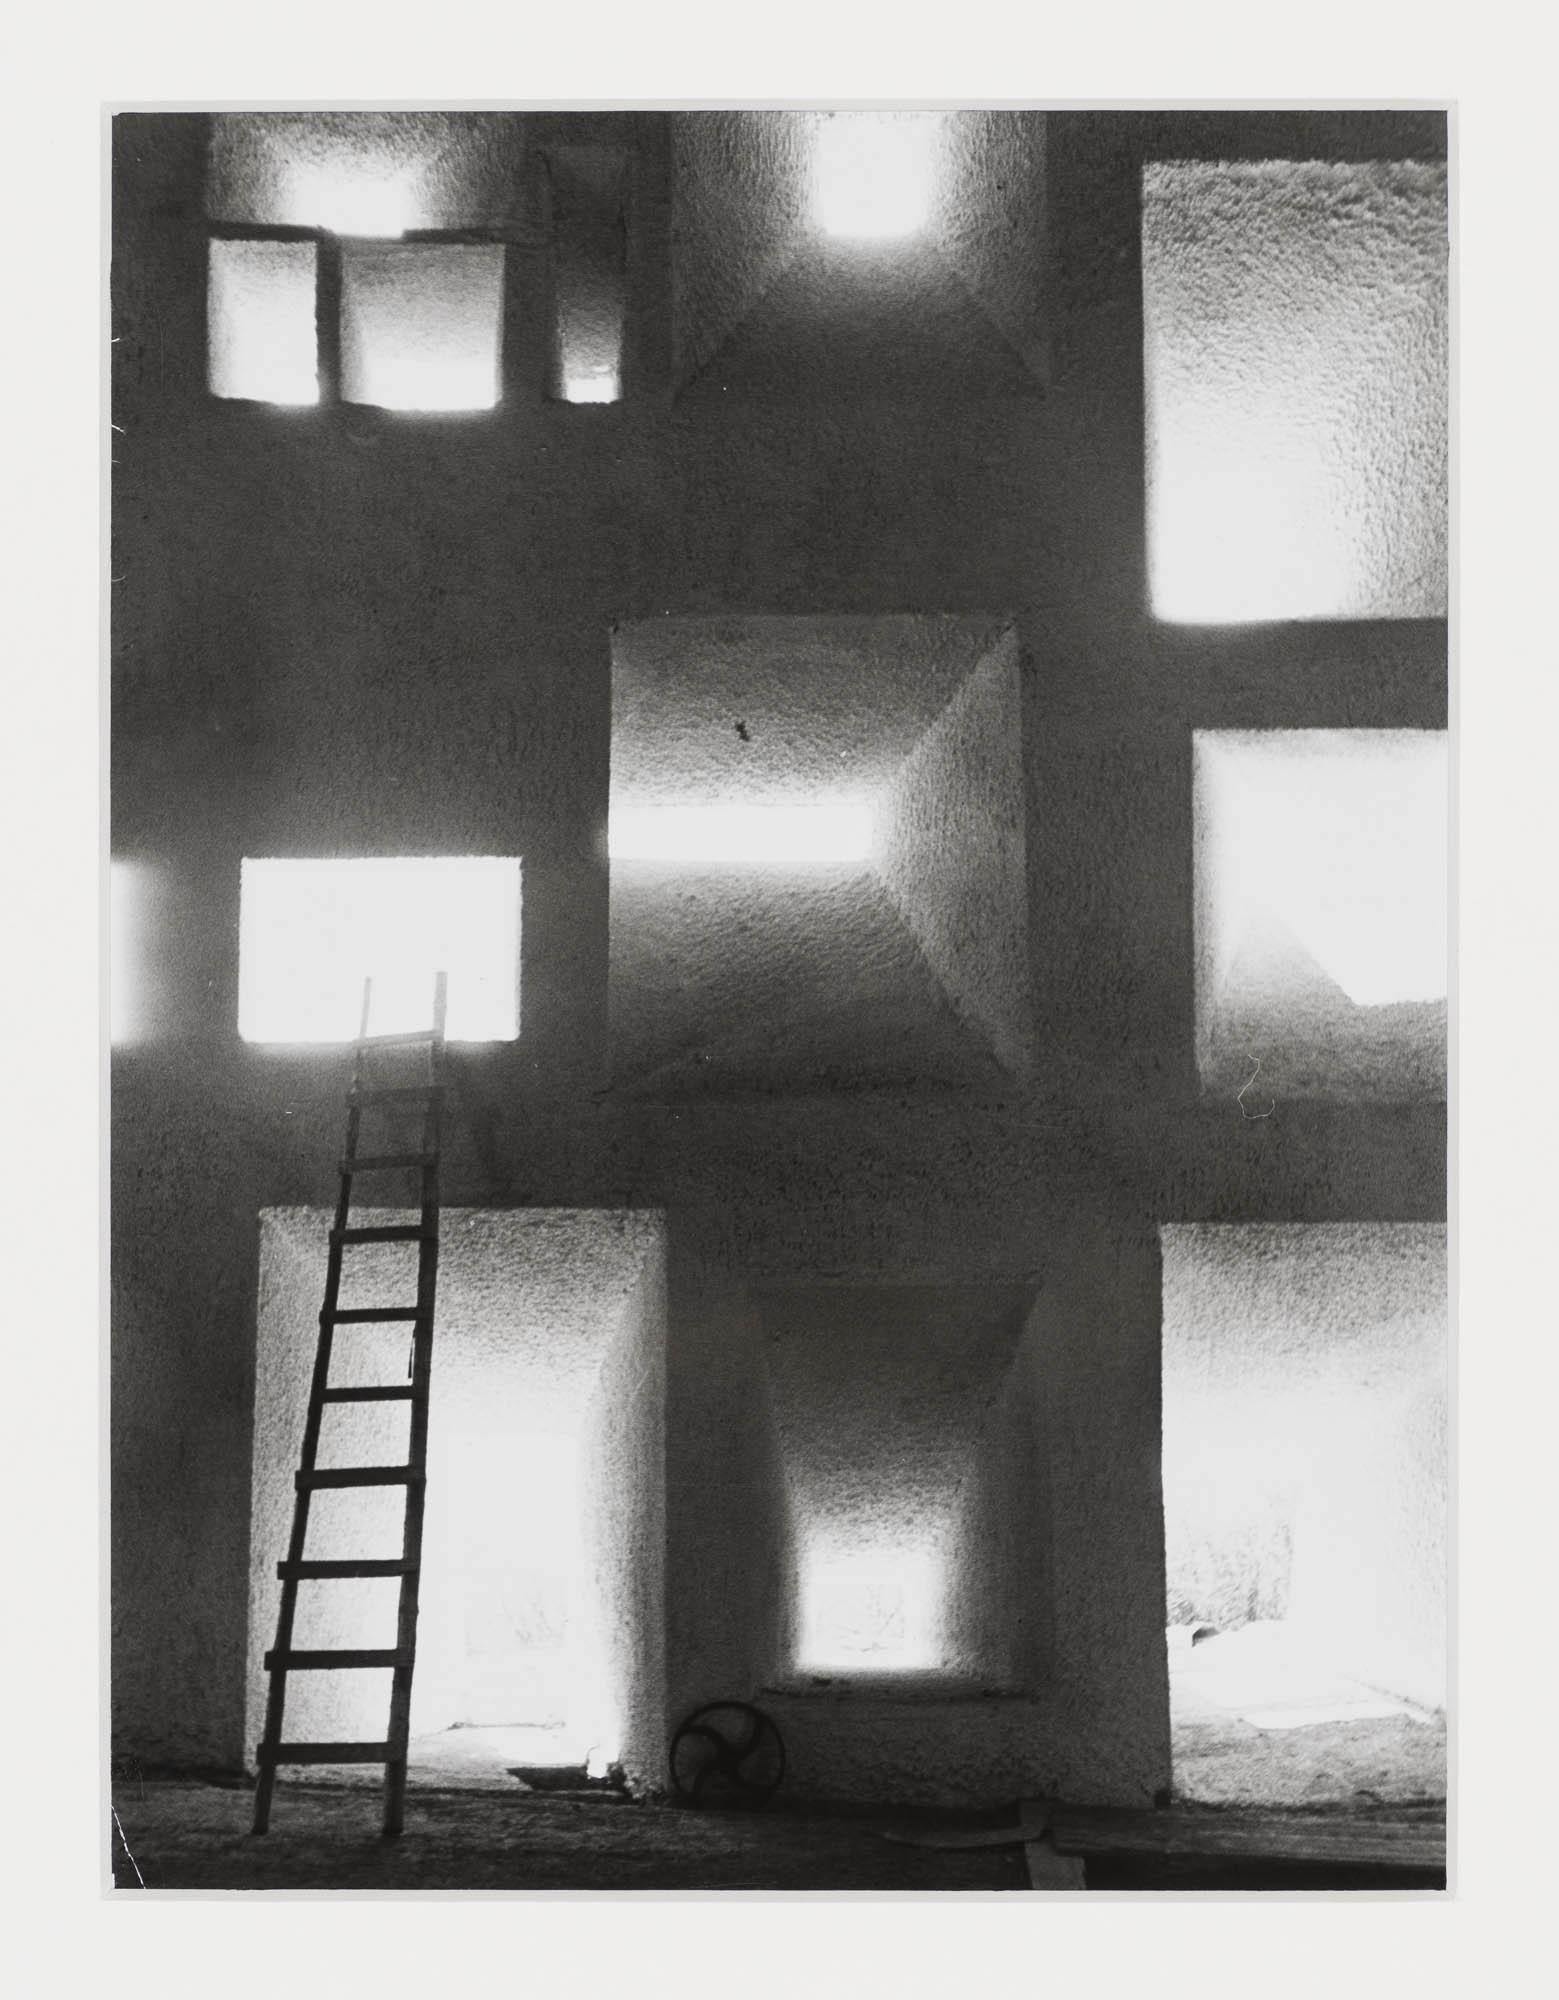 Le Corbusier in seinem Studio, 35 rue de Sèvres, Paris René Burri Fotografie